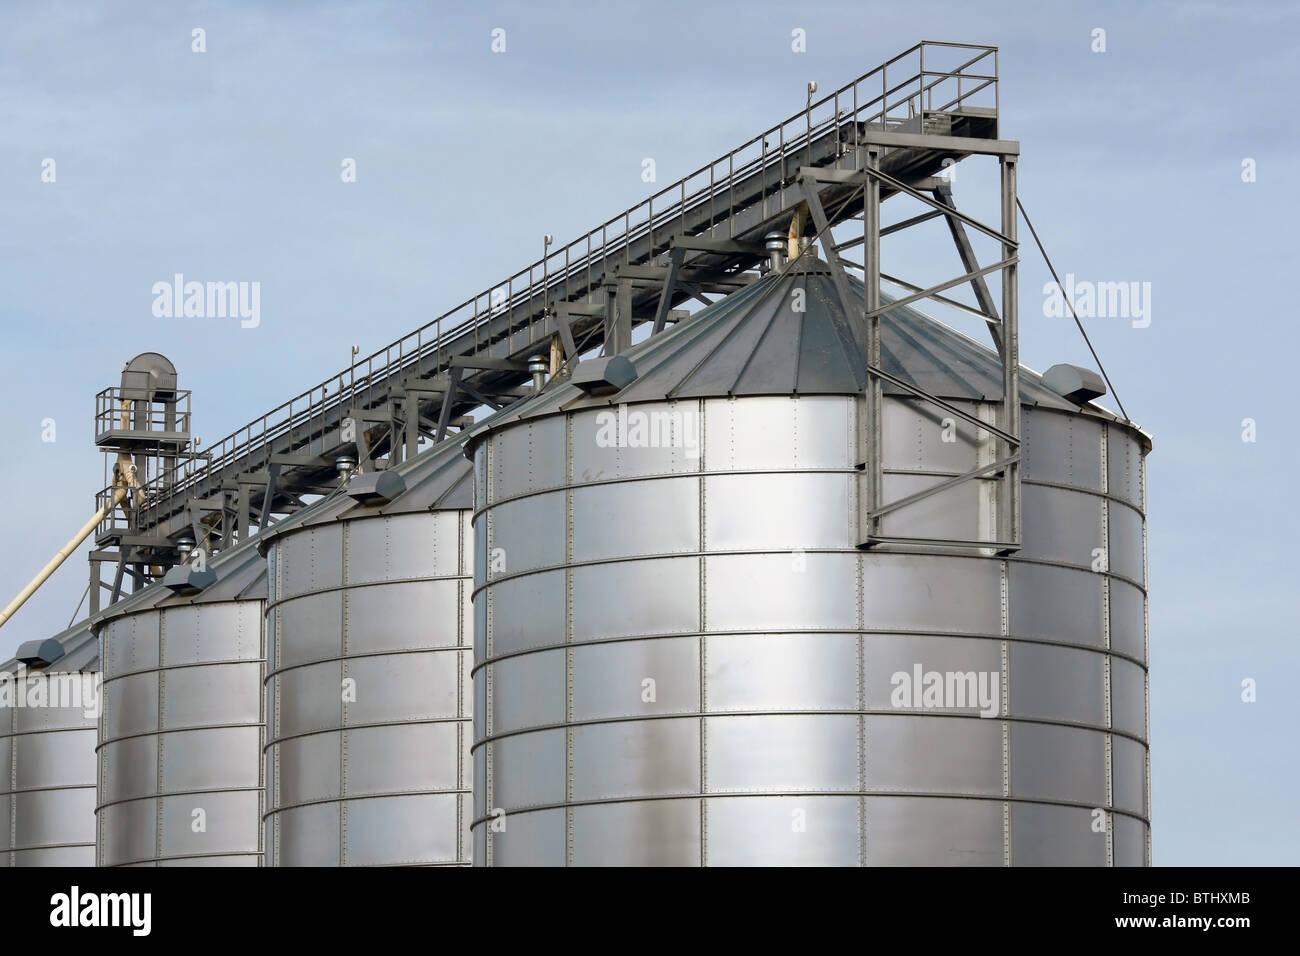 Réservoirs de stockage agricole Photo Stock